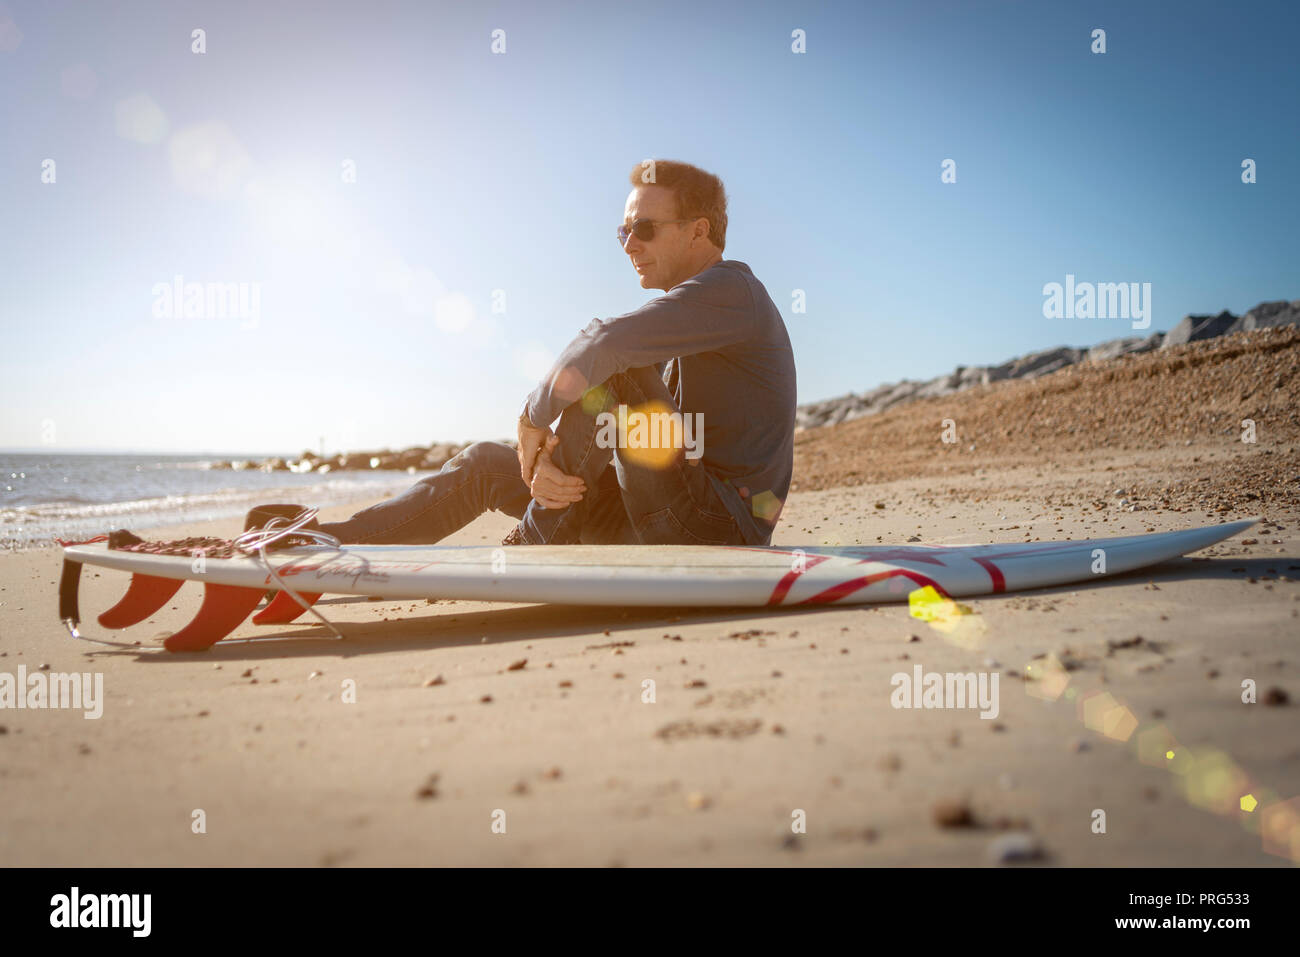 Maschio maturo surfer seduto sulla spiaggia con una tavola da surf a guardare le onde, lens flare Foto Stock